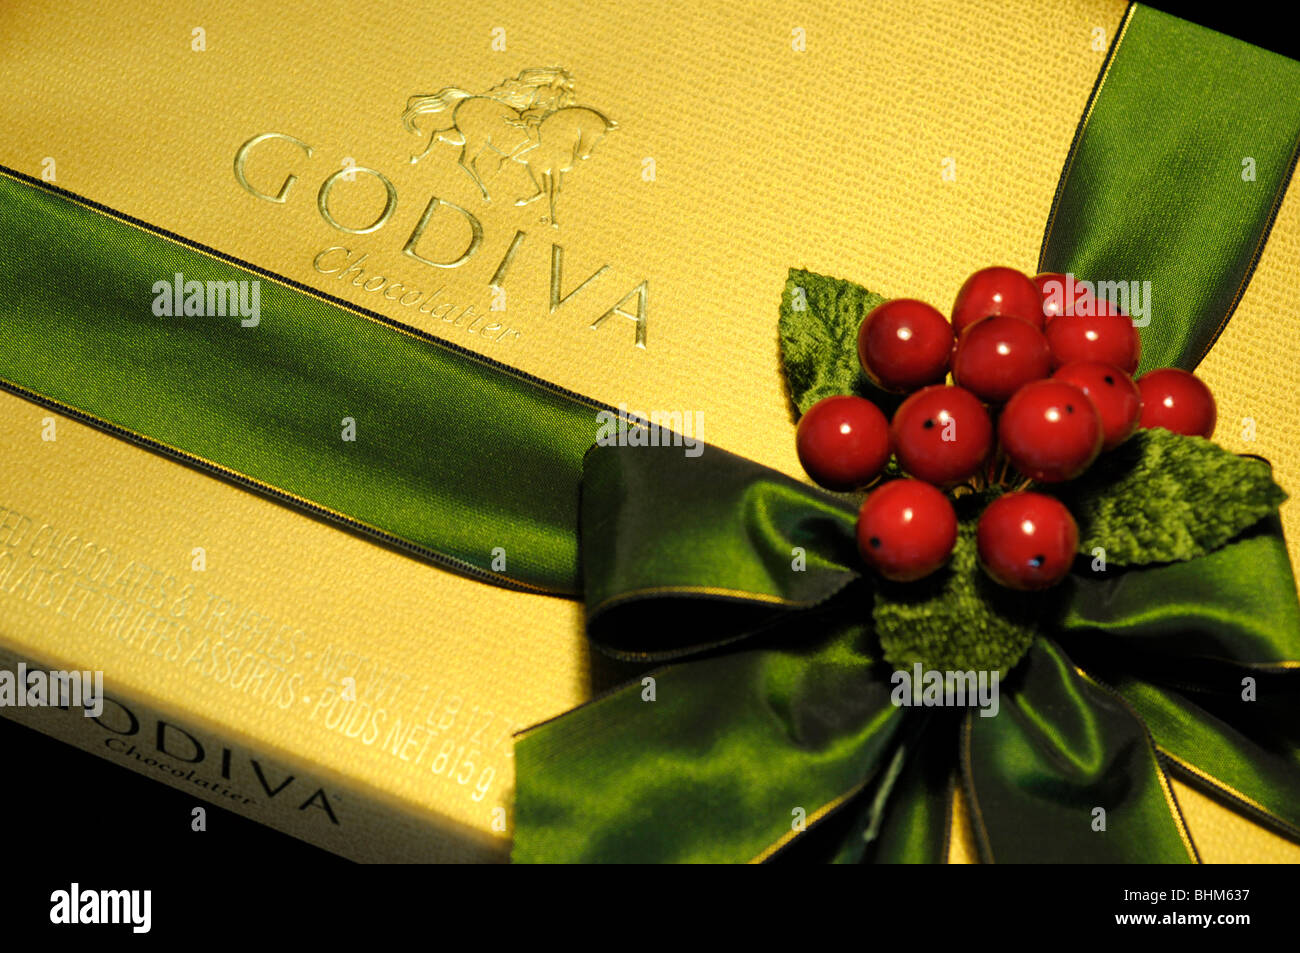 Caja de bombones de regalo de Navidad Envuelto Imagen De Stock